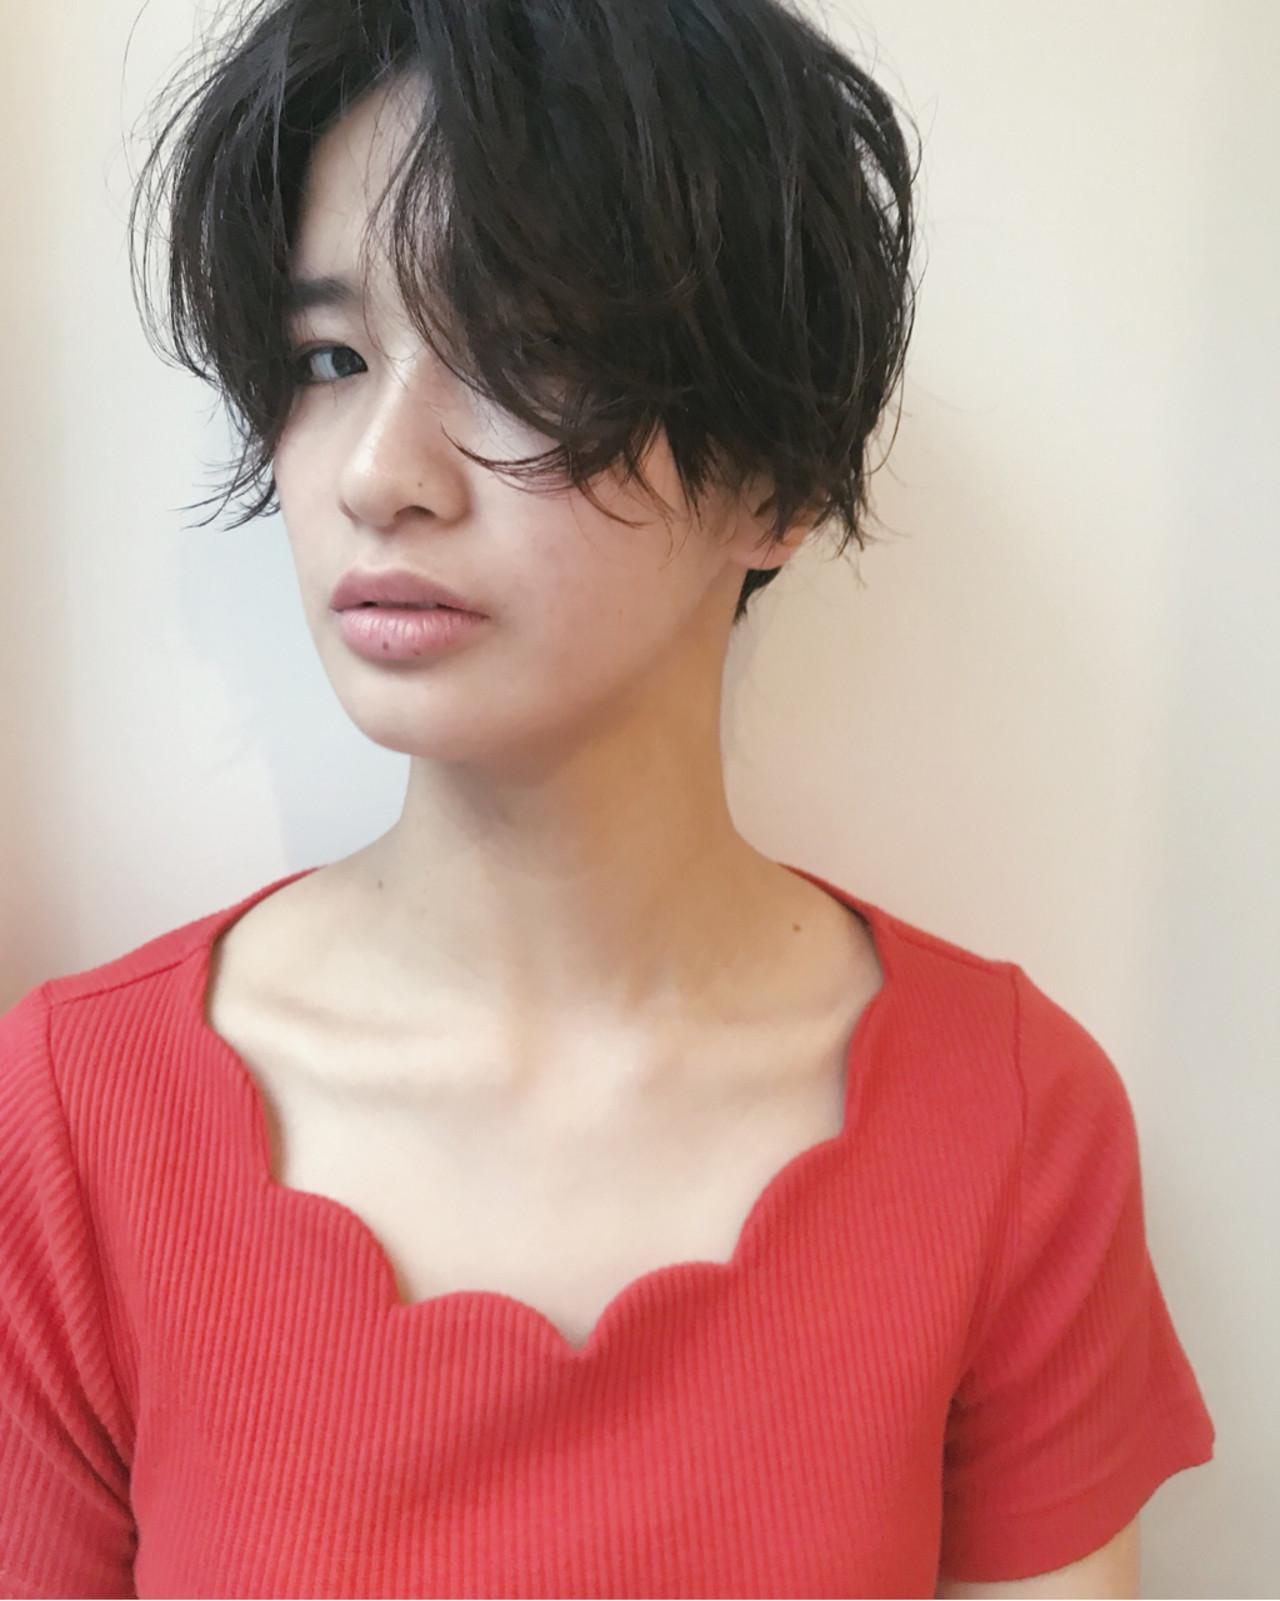 パーマ ショート 黒髪 マッシュ ヘアスタイルや髪型の写真・画像 | 仙頭郁弥 / LIM+LIM